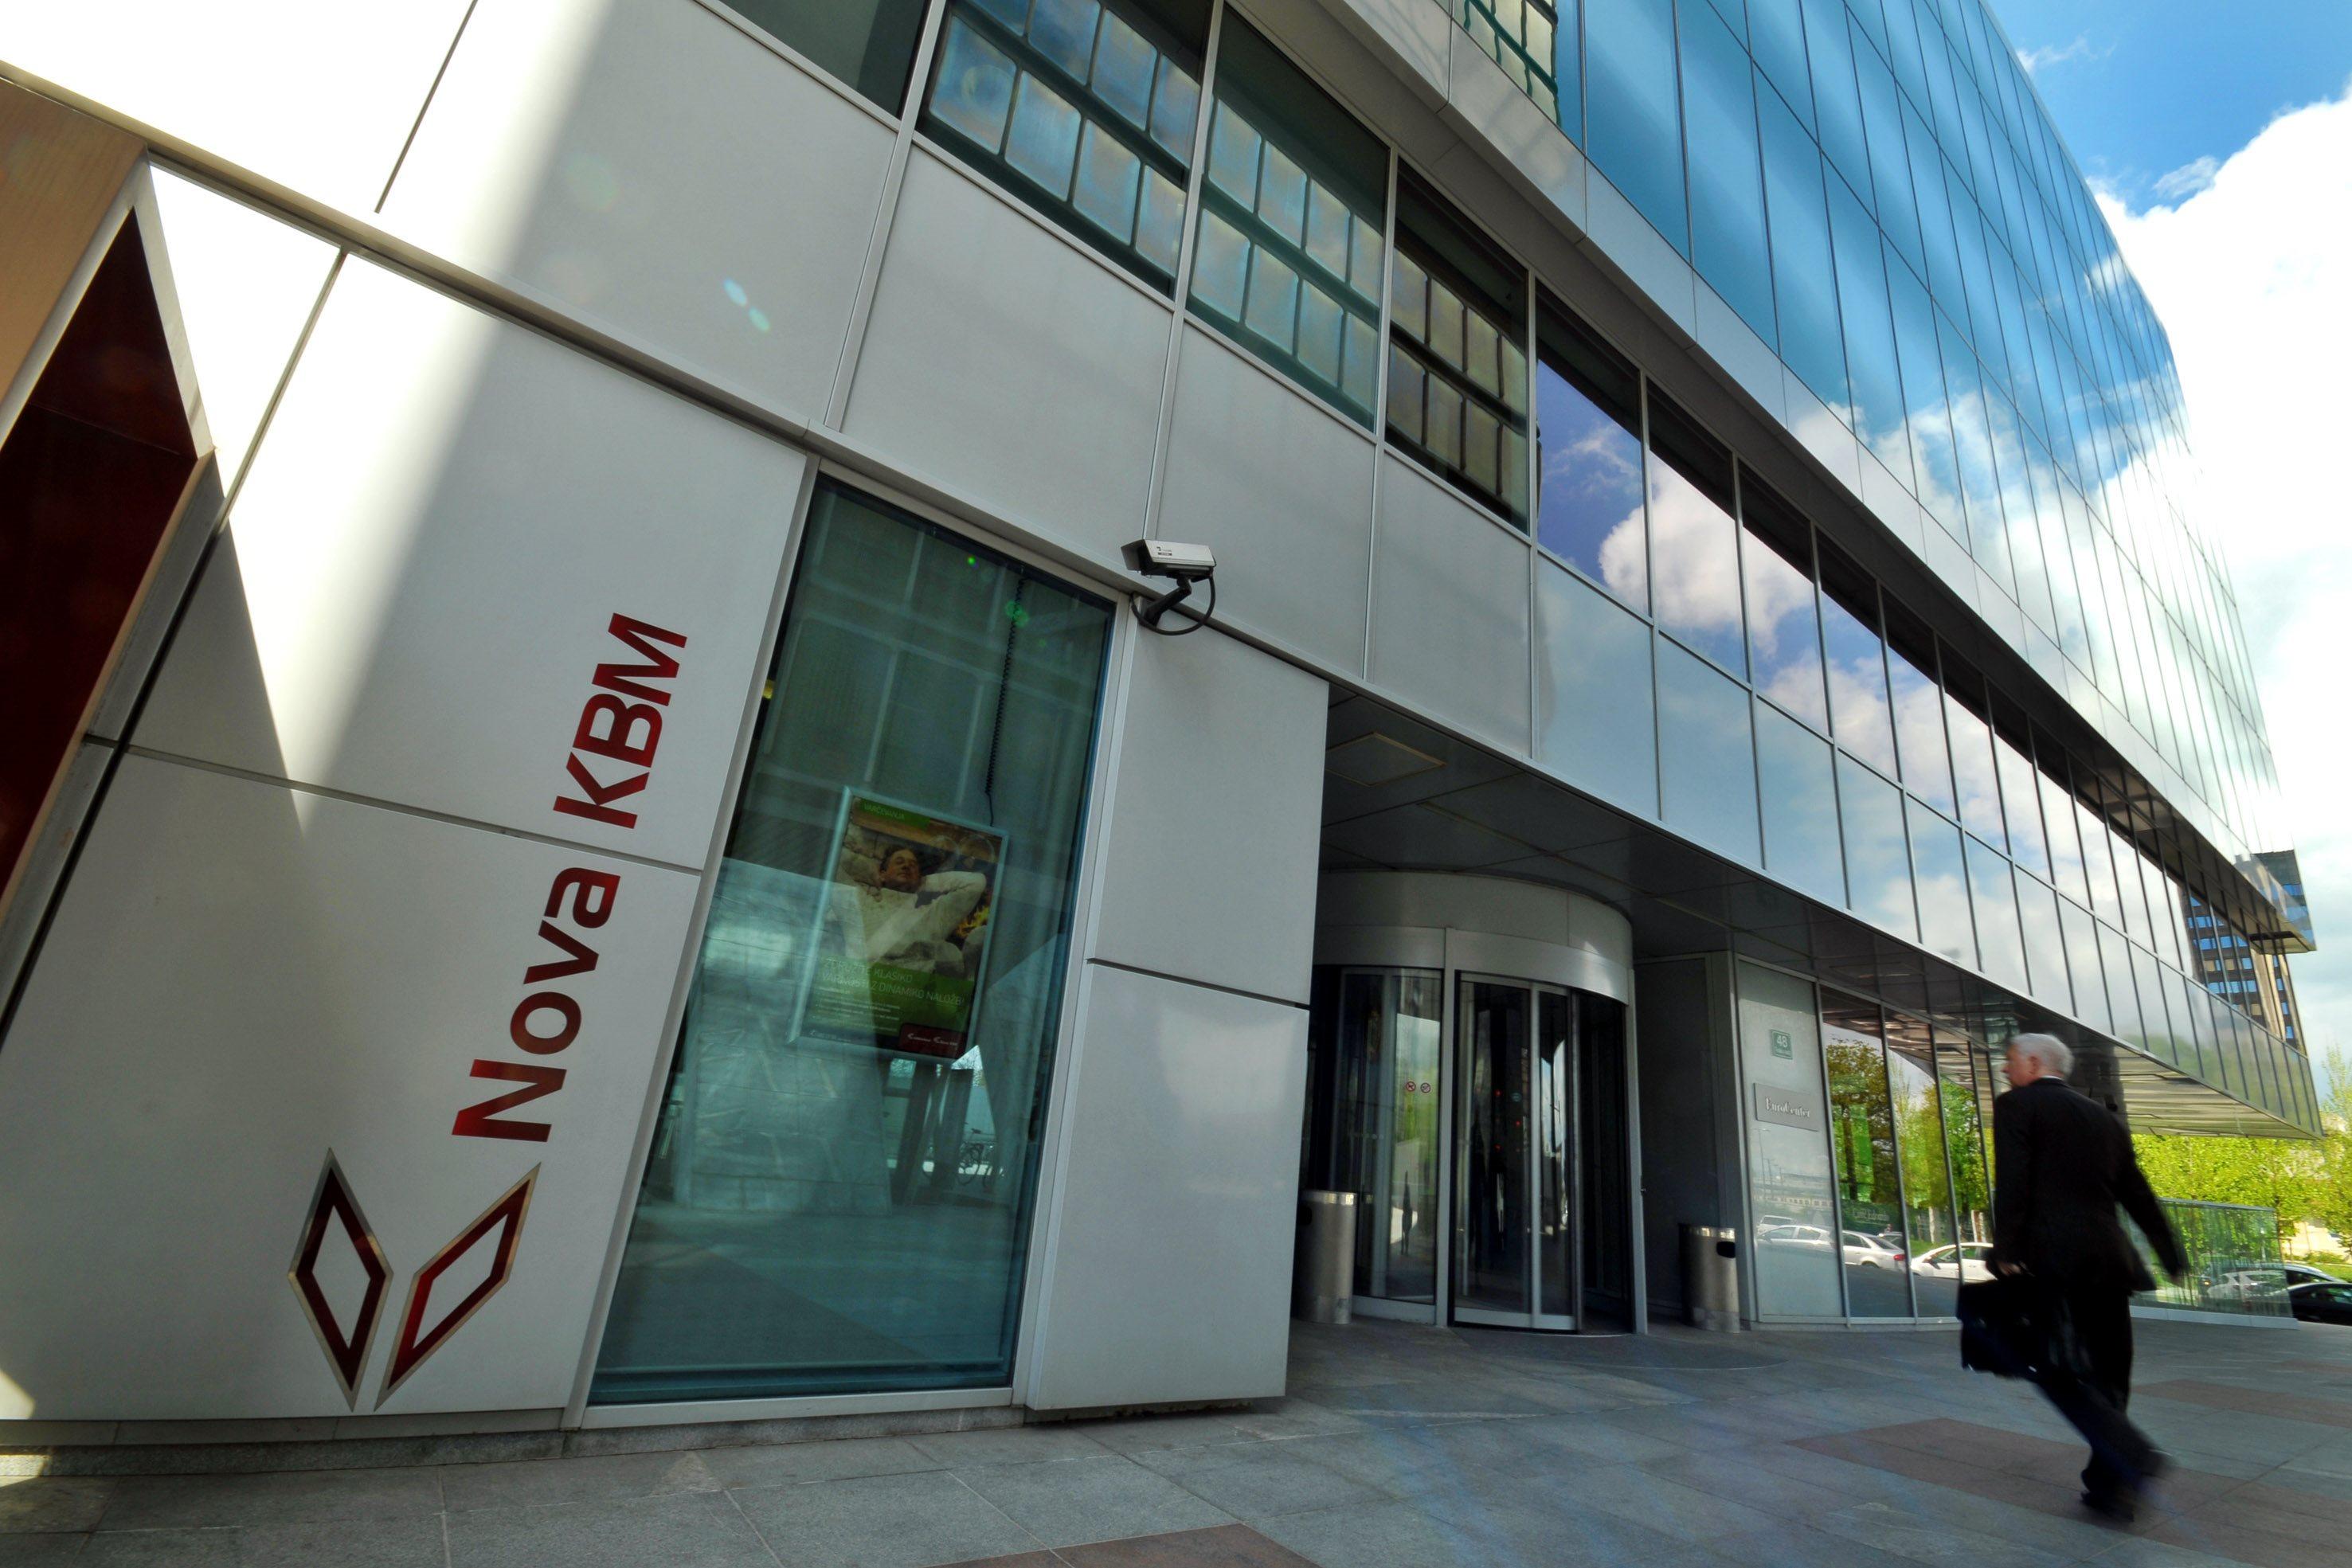 Mariborsko delovno sodišče je v prvem od treh sodnih sporov v celoti zavrnilo 11,5 milijona evrov visok zahtevek.